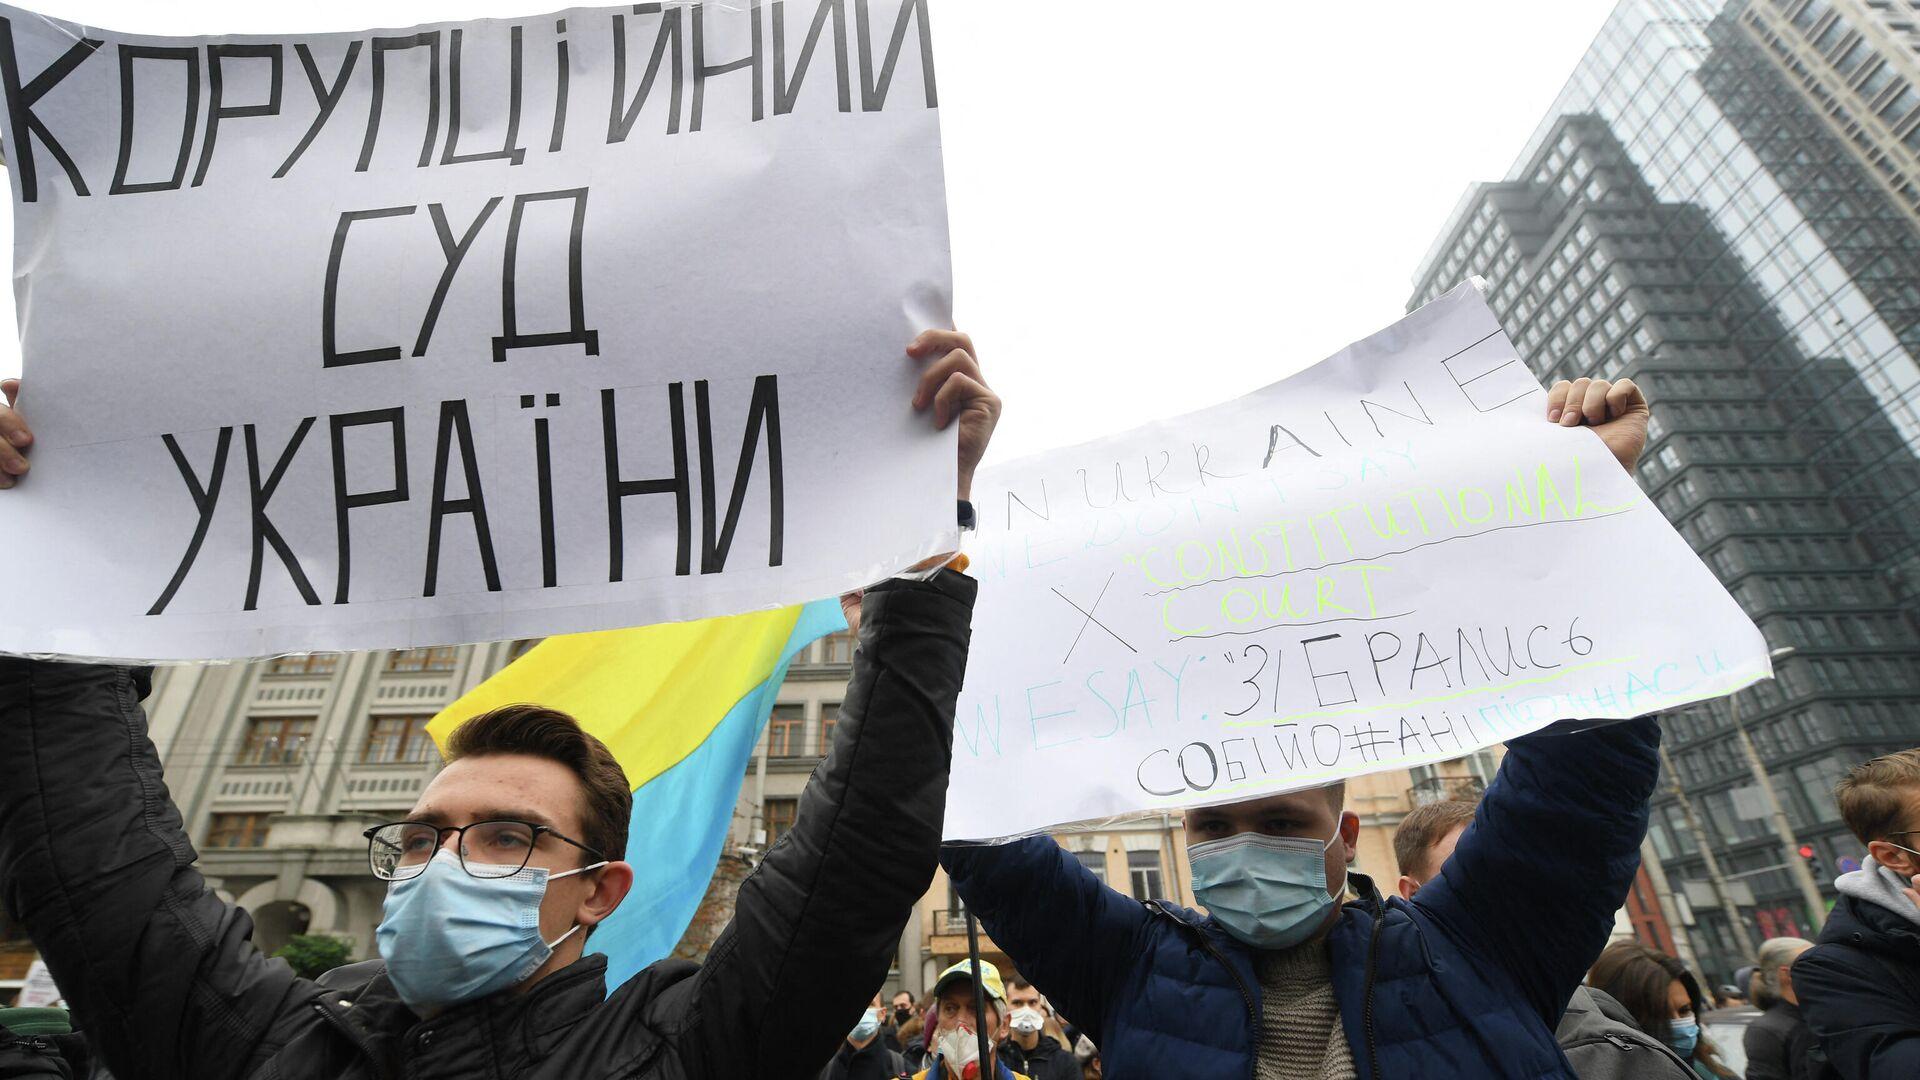 Представители различных украинских политических партий и движений проводят акцию протеста у здания Конституционного суда в Киеве - РИА Новости, 1920, 24.09.2021